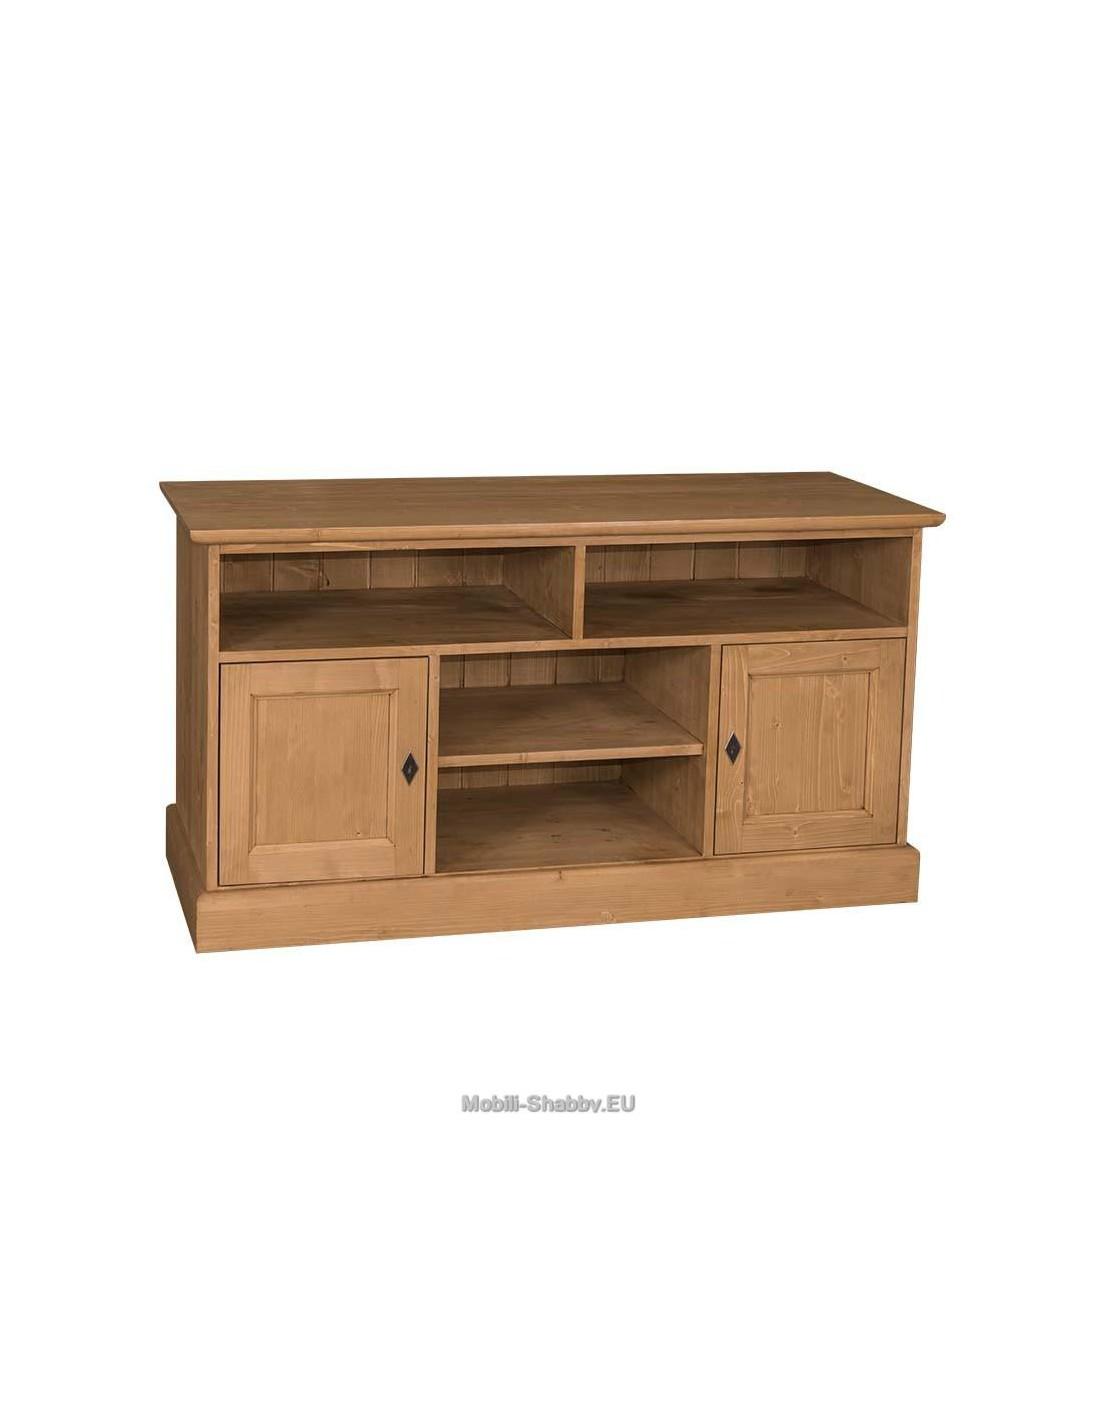 Credenza porta TV legno massello colorata MS533 - Mobili-Shabby.EU ...